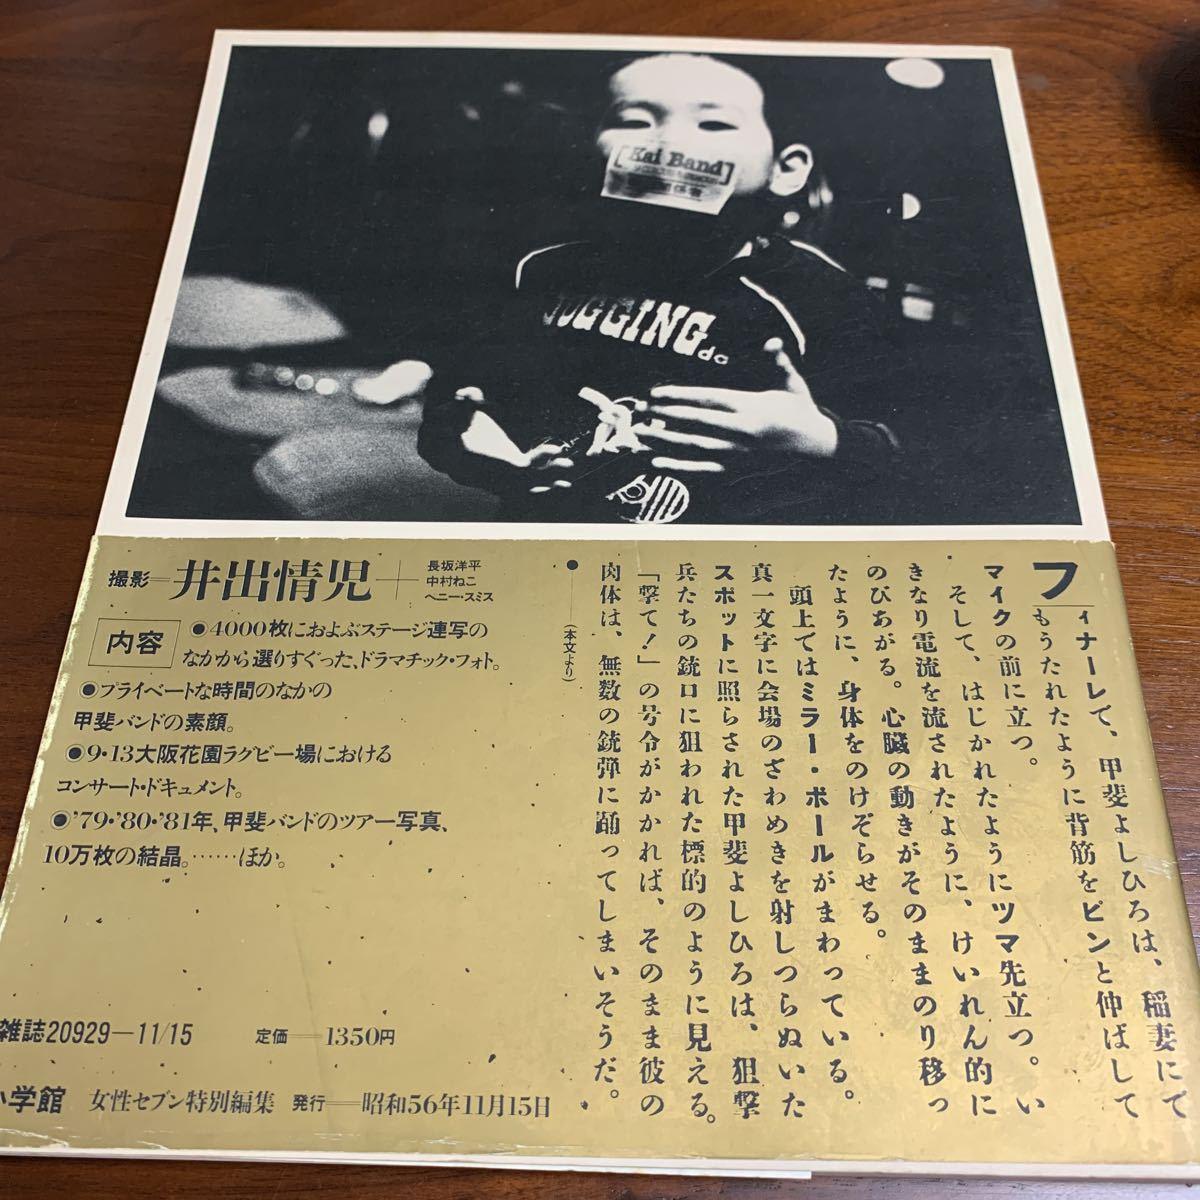 甲斐バンド★写真集『1982beatnik』kaiband甲斐よしひろ送料185円_画像2